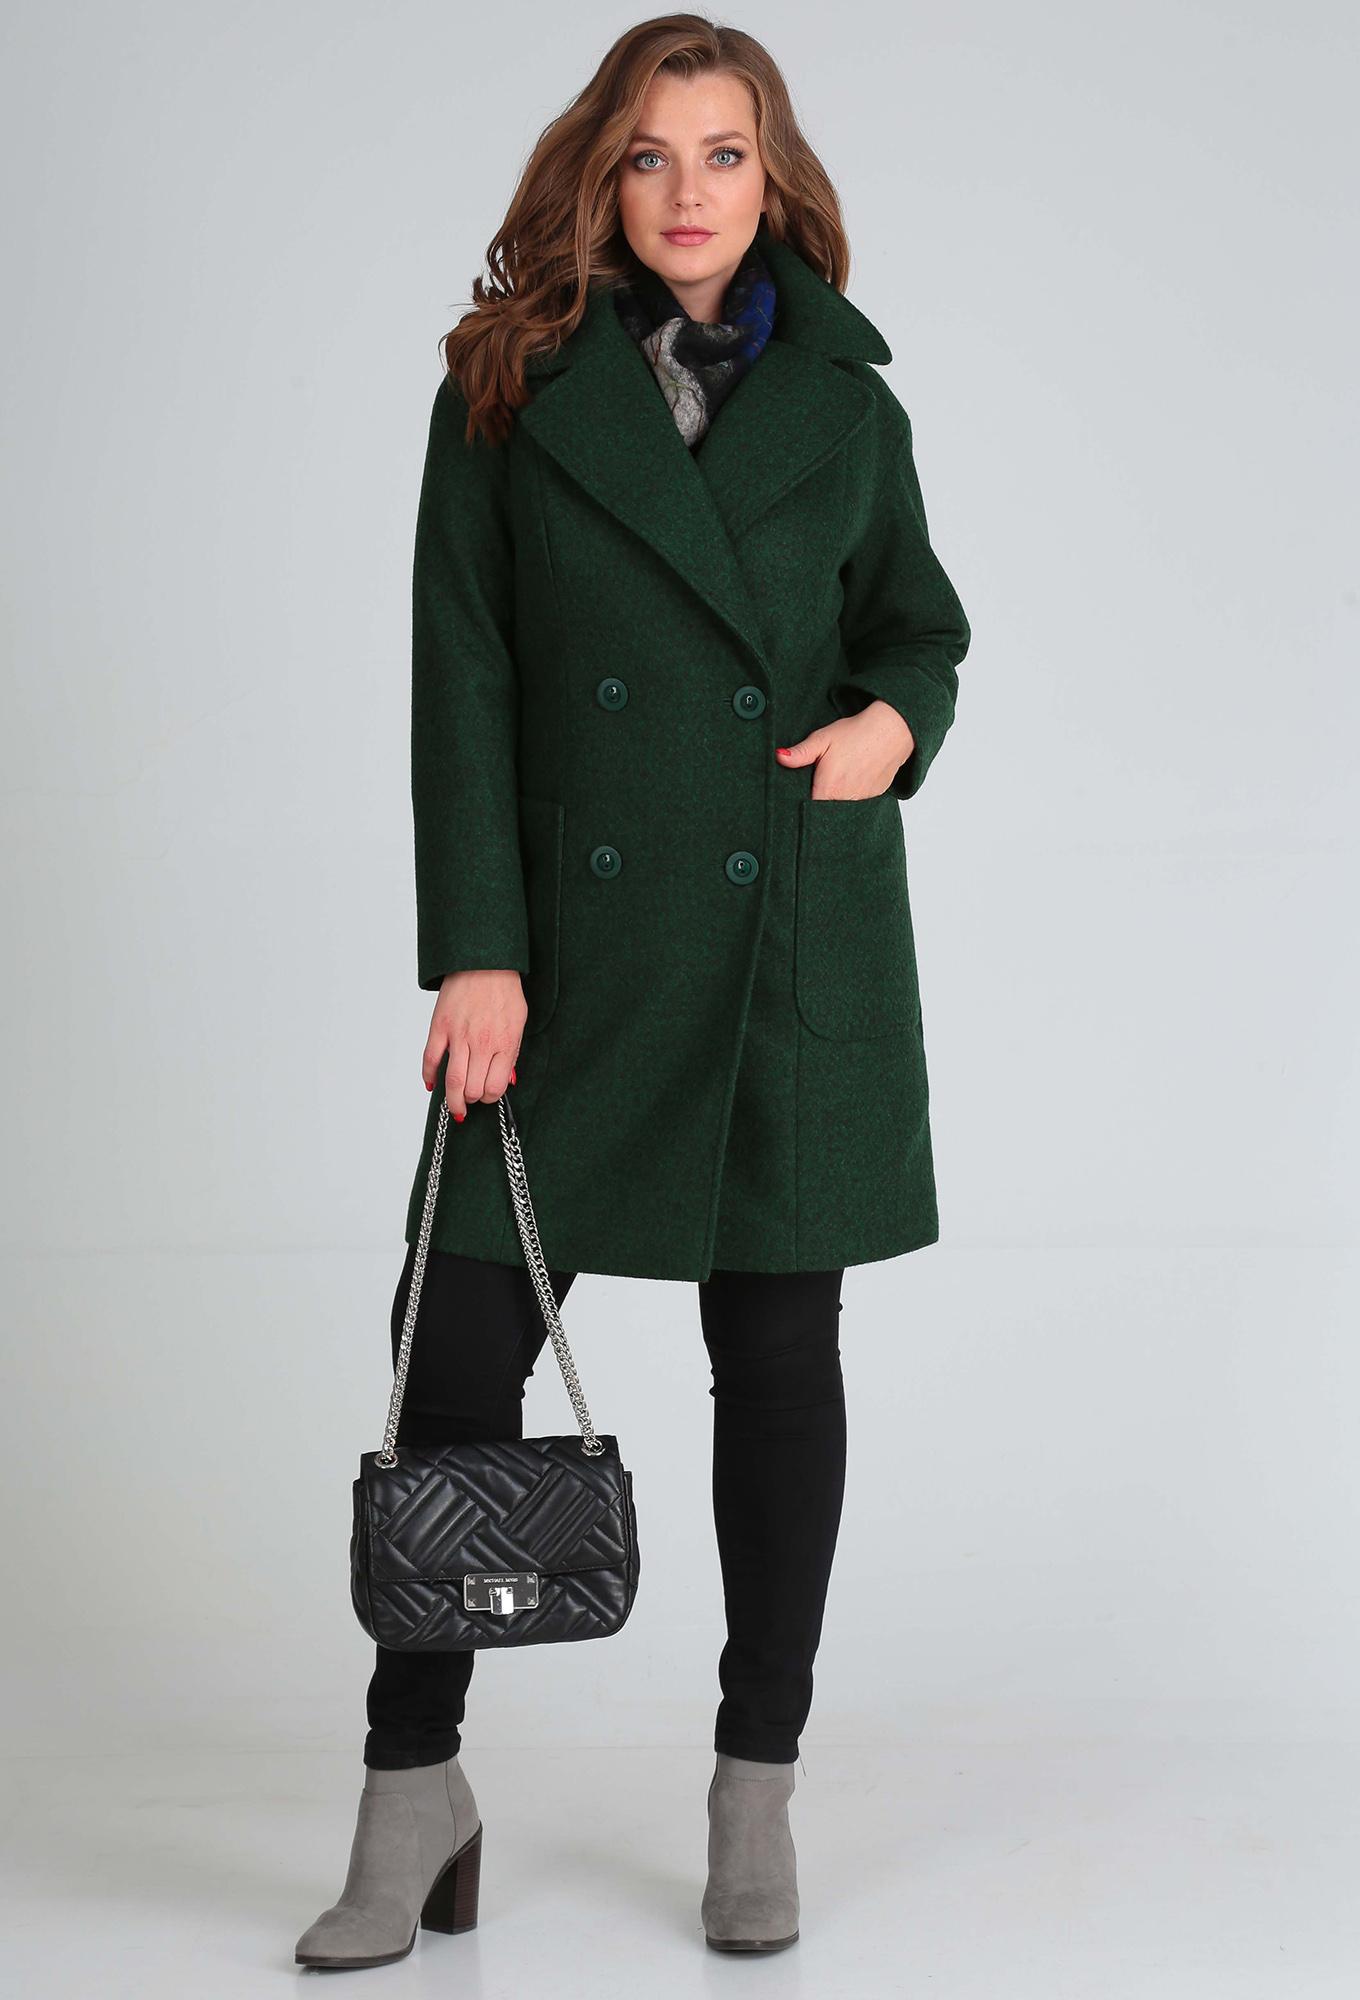 Пальто Anastasia Mak 651 зеленый